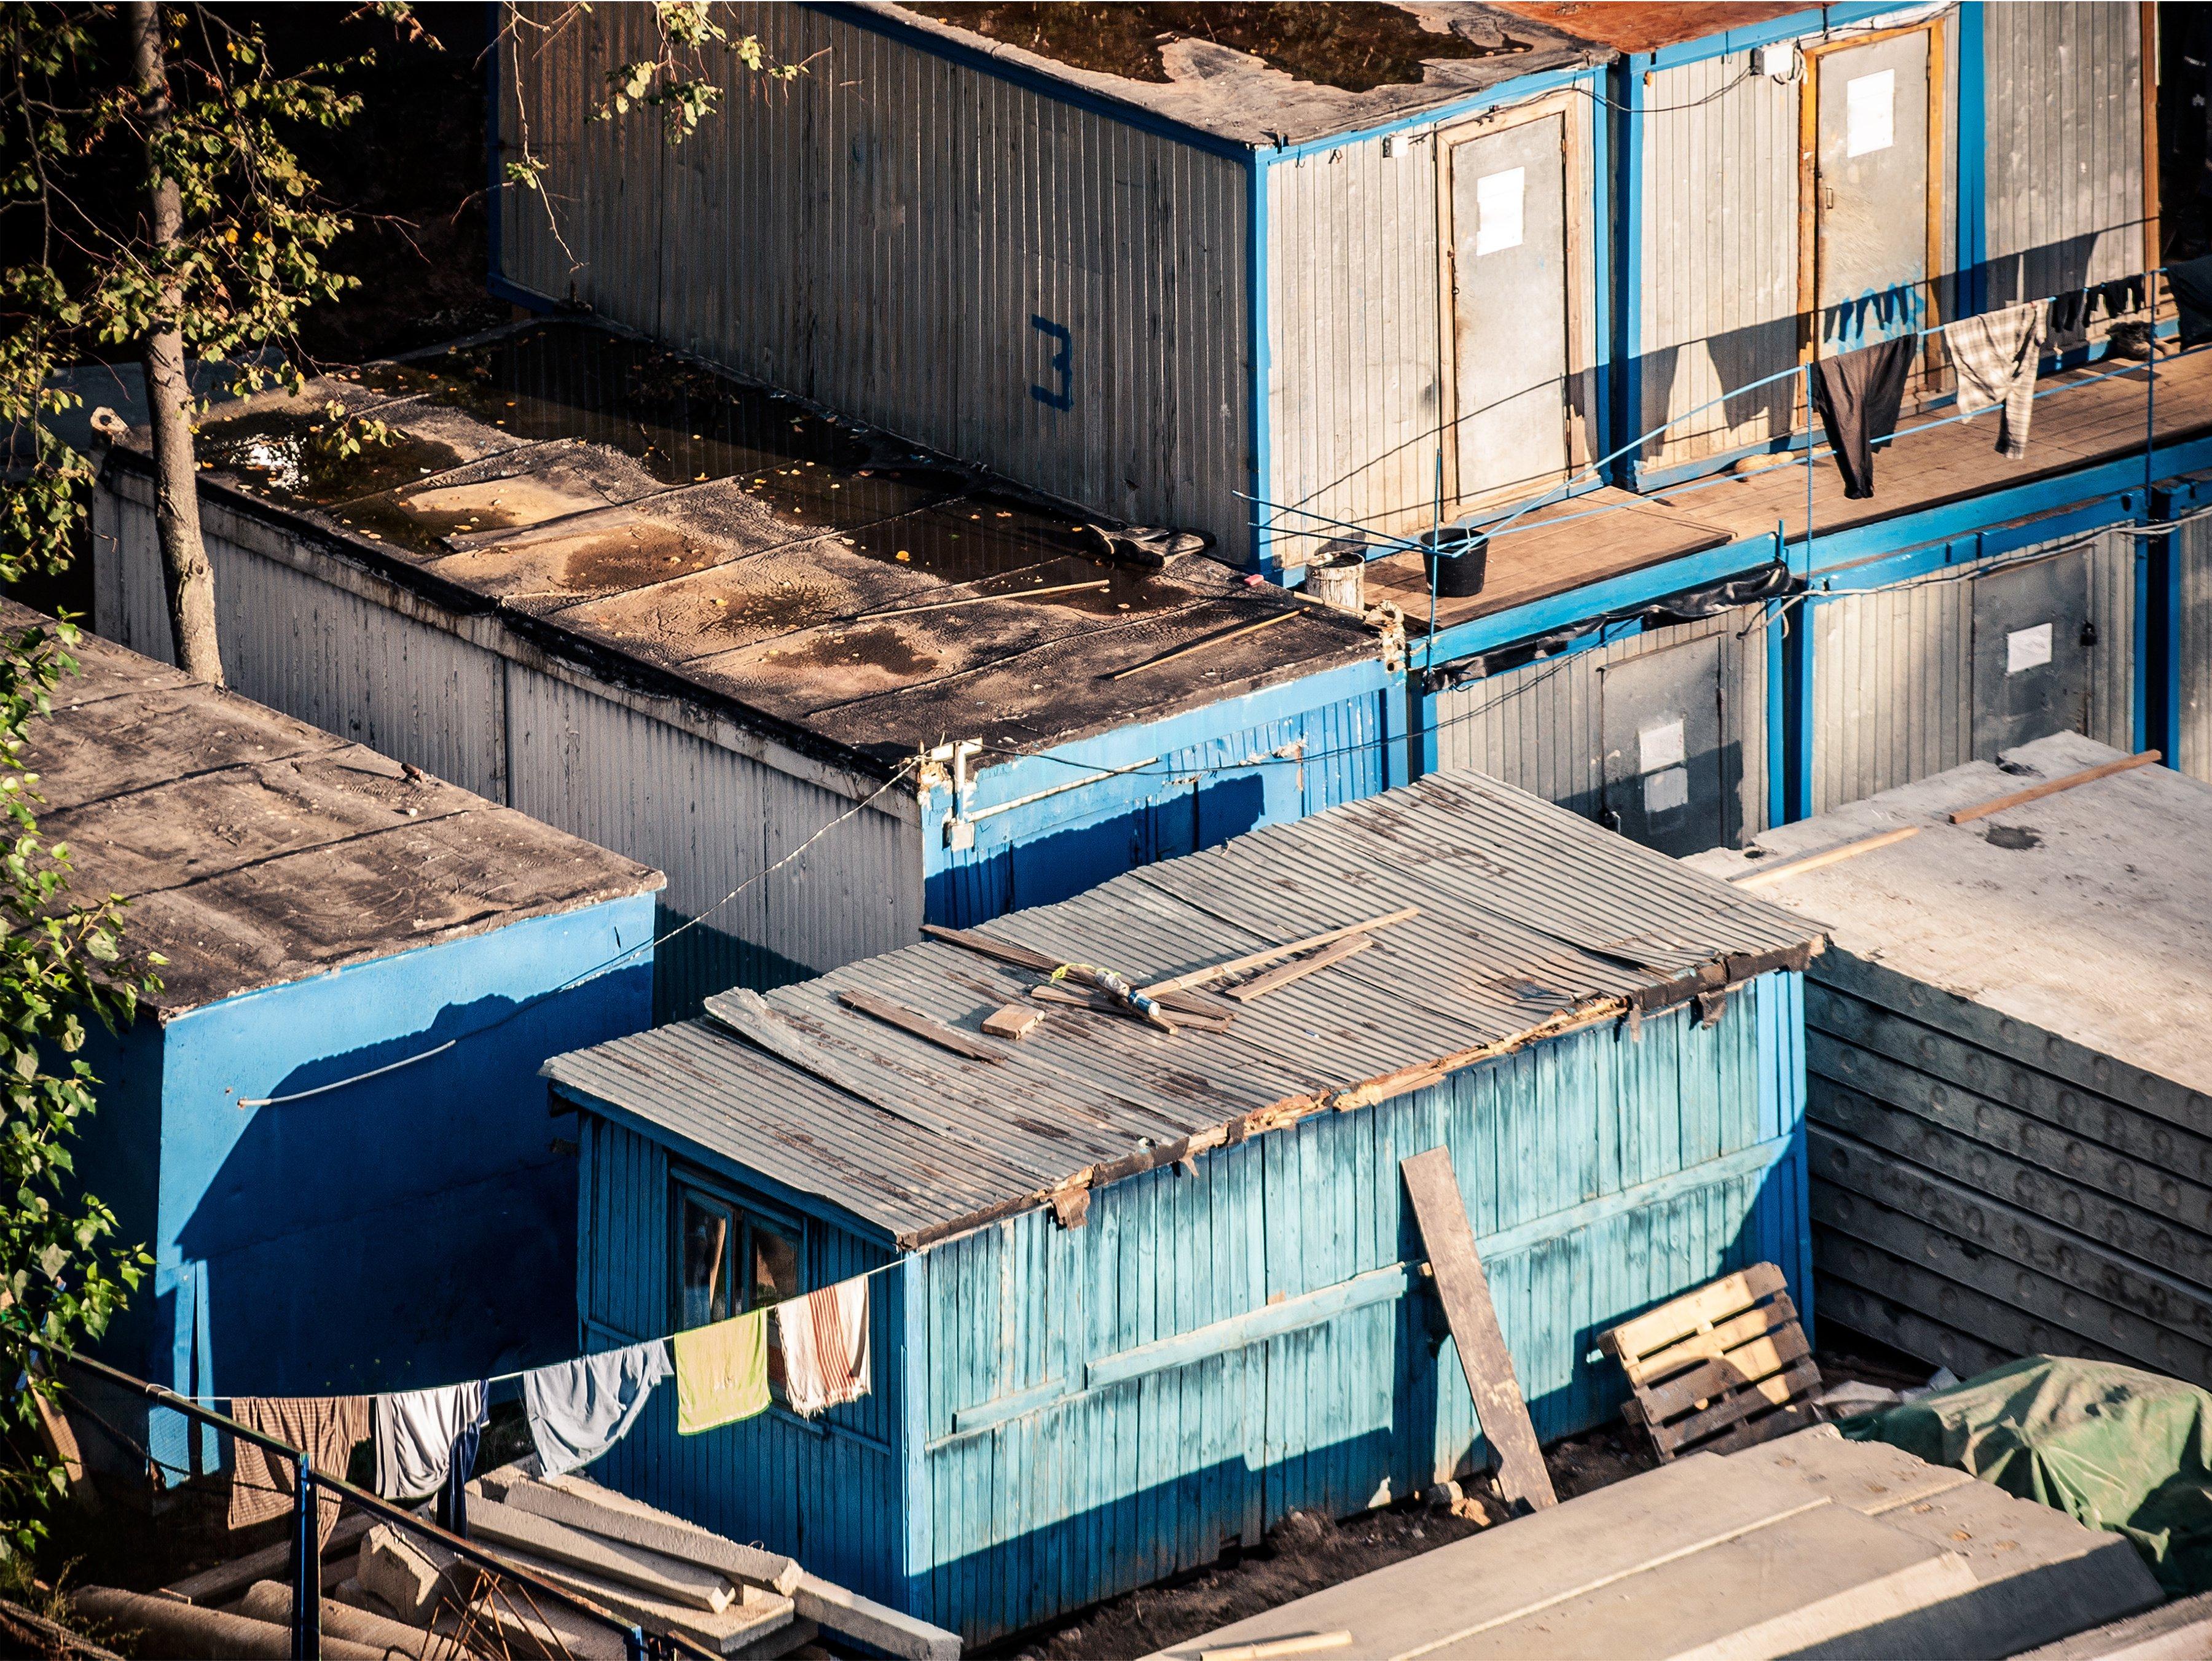 worker camp